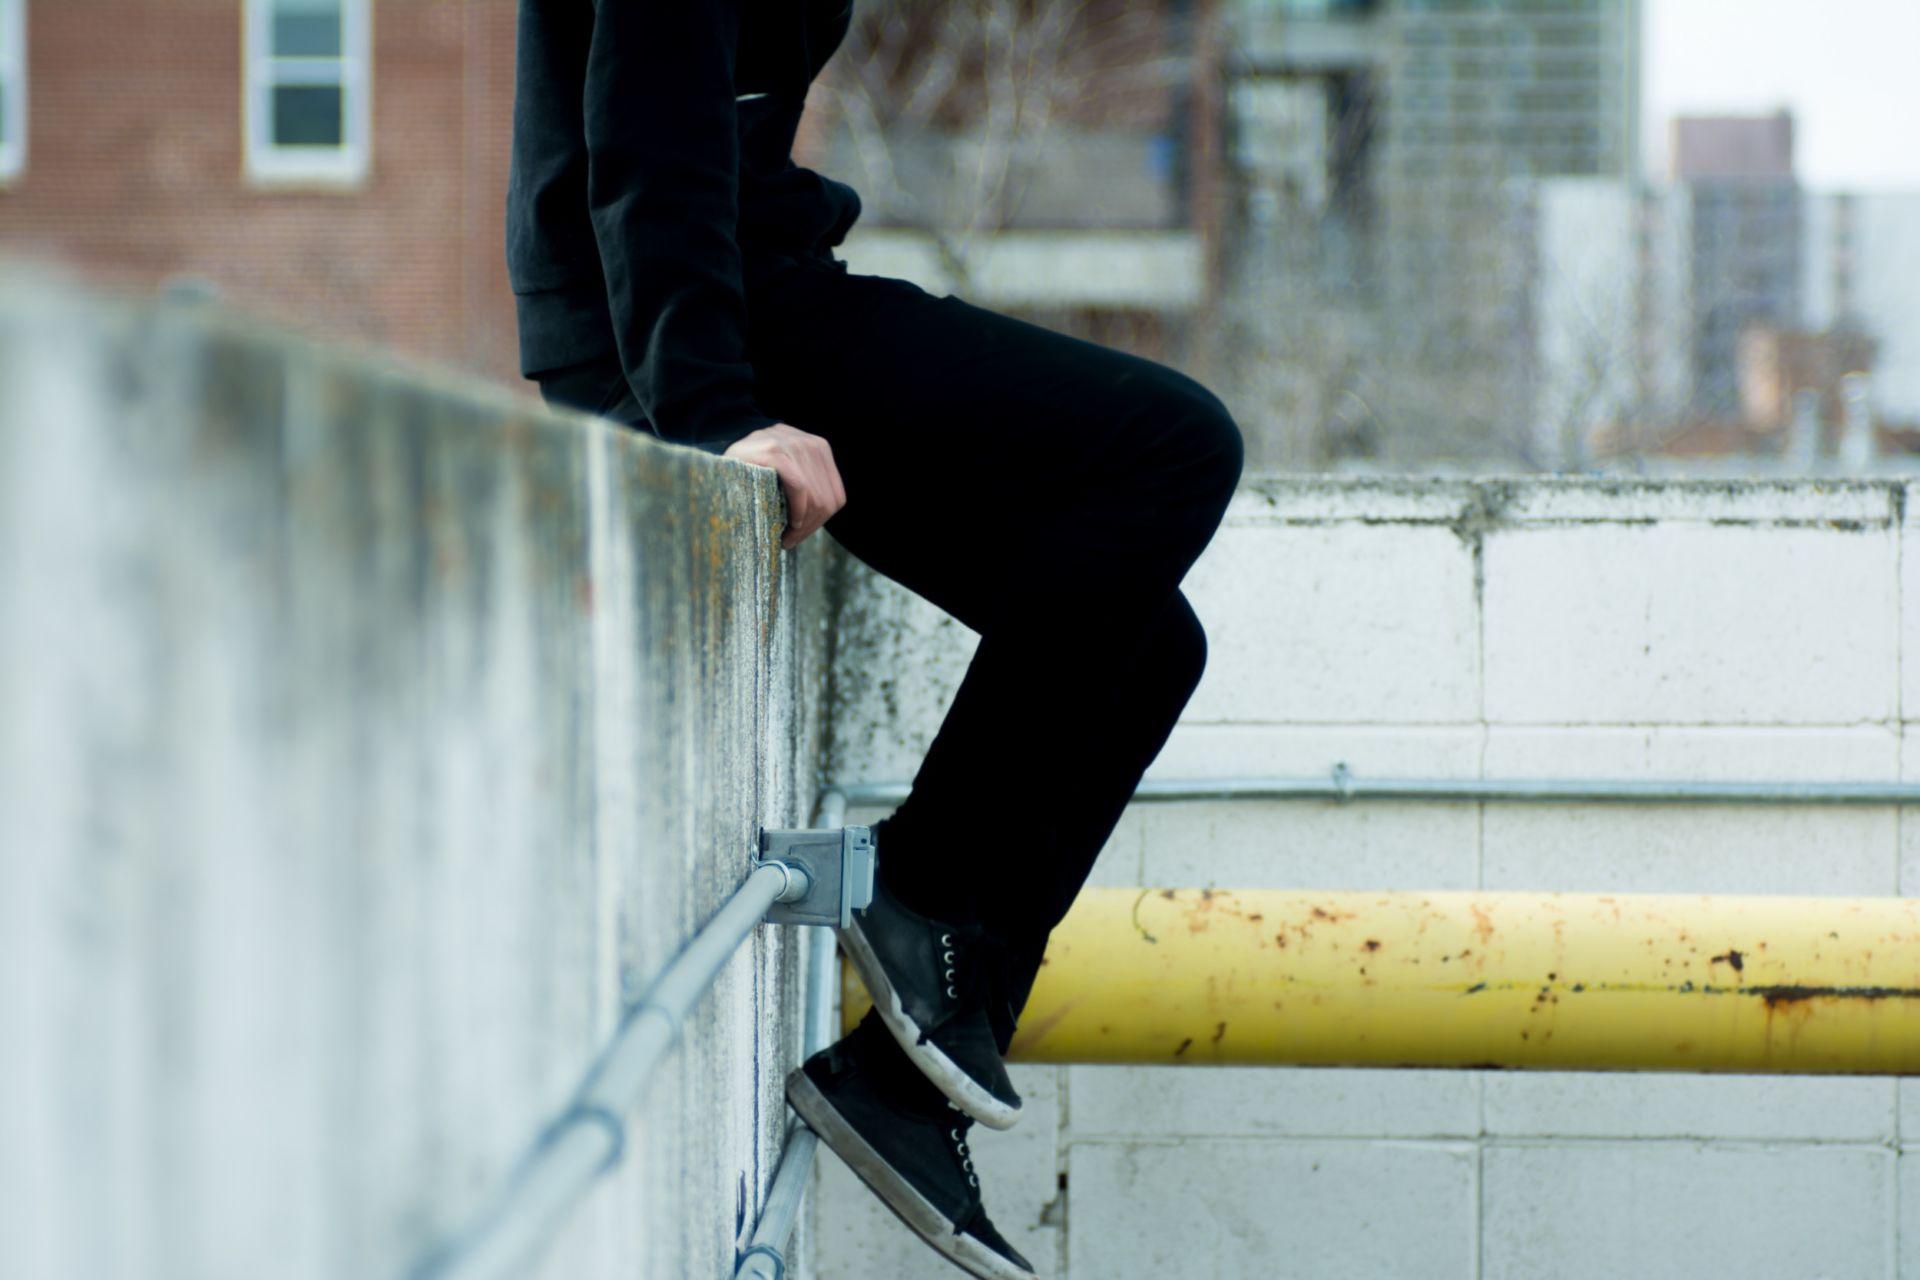 Mustiin pukeutunut nuori istuu vallin reunalla.